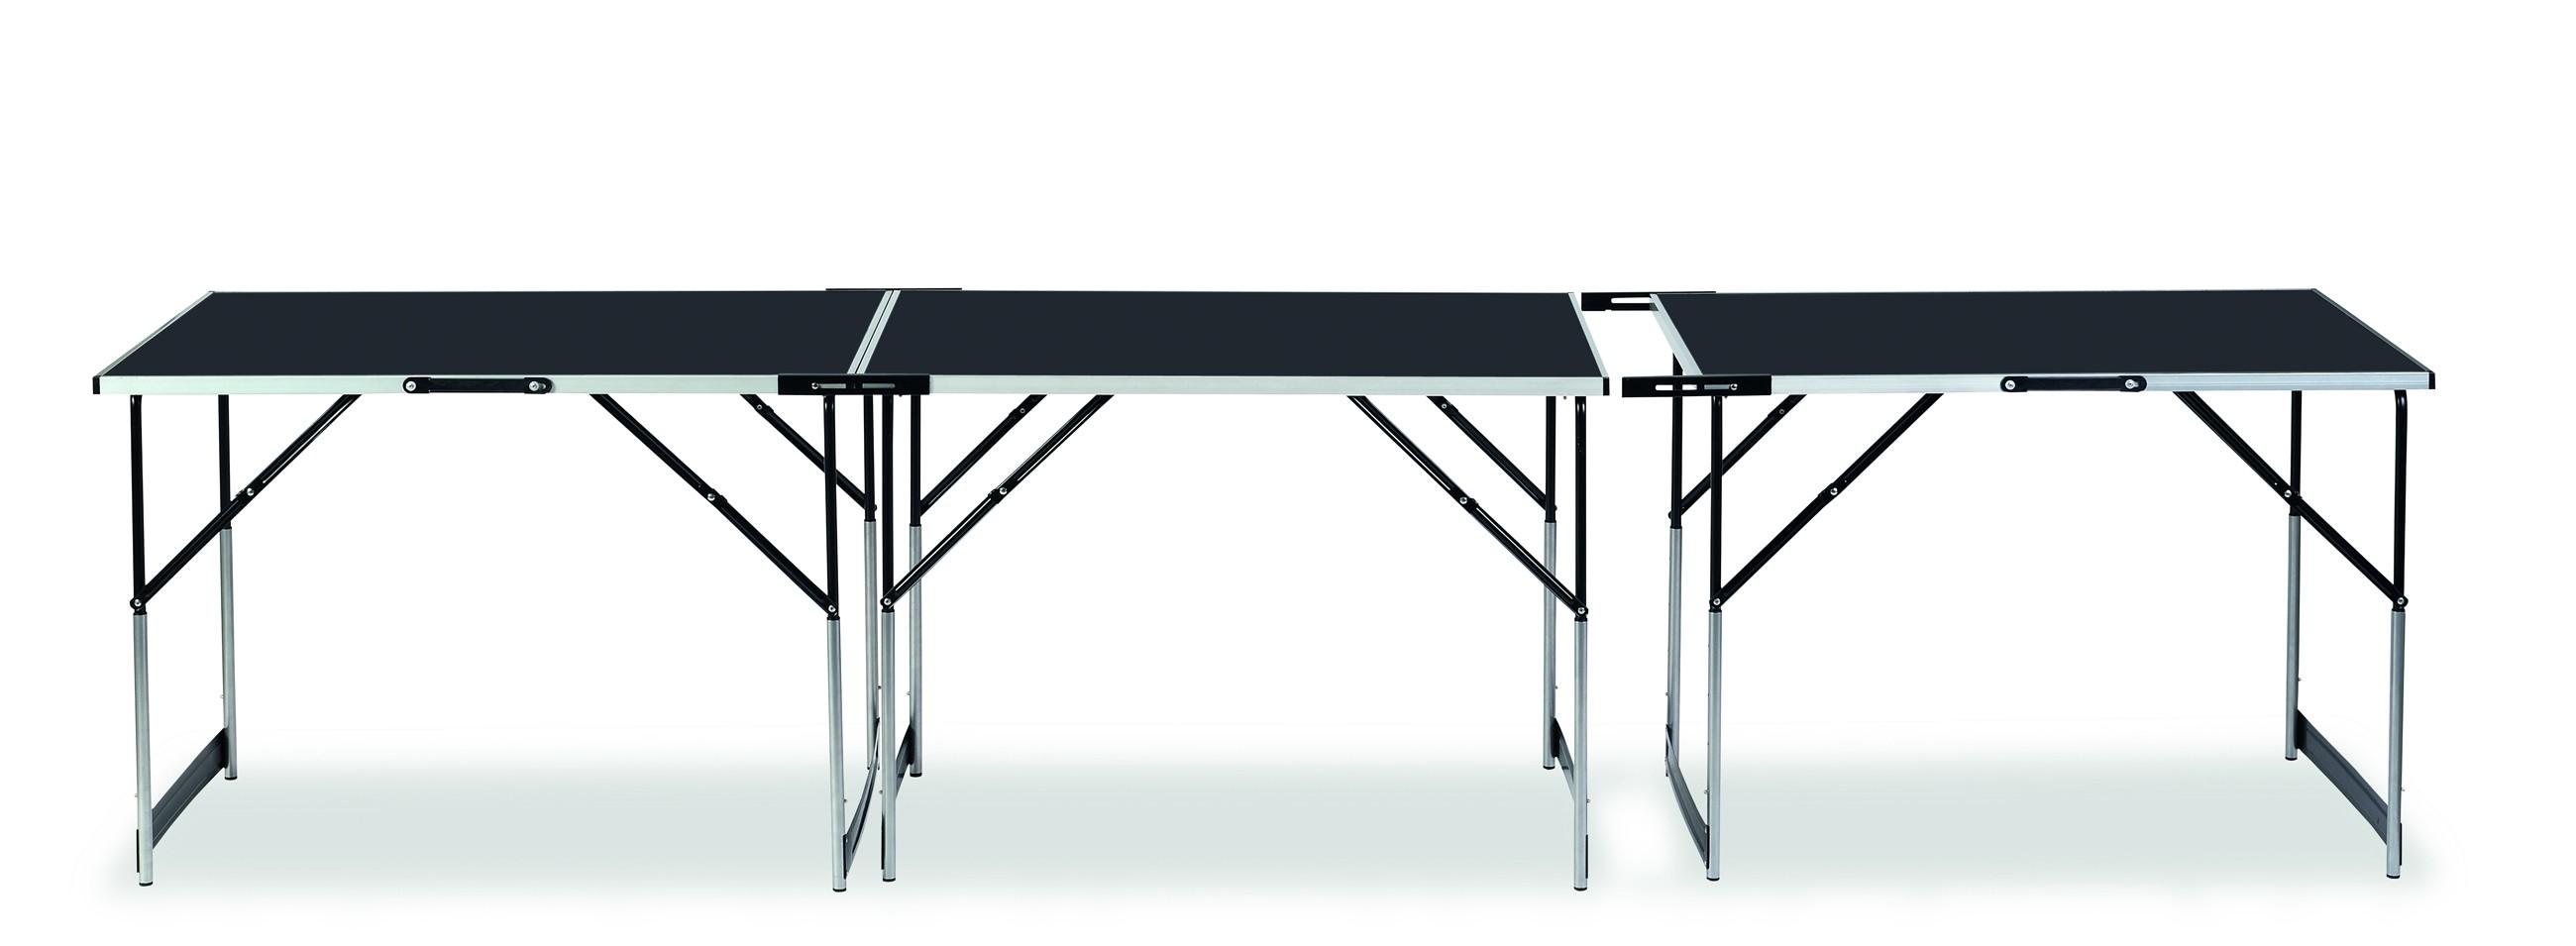 mehrzwecktisch tapeziertisch connect 3 teilig alu 300x60 cm bei. Black Bedroom Furniture Sets. Home Design Ideas